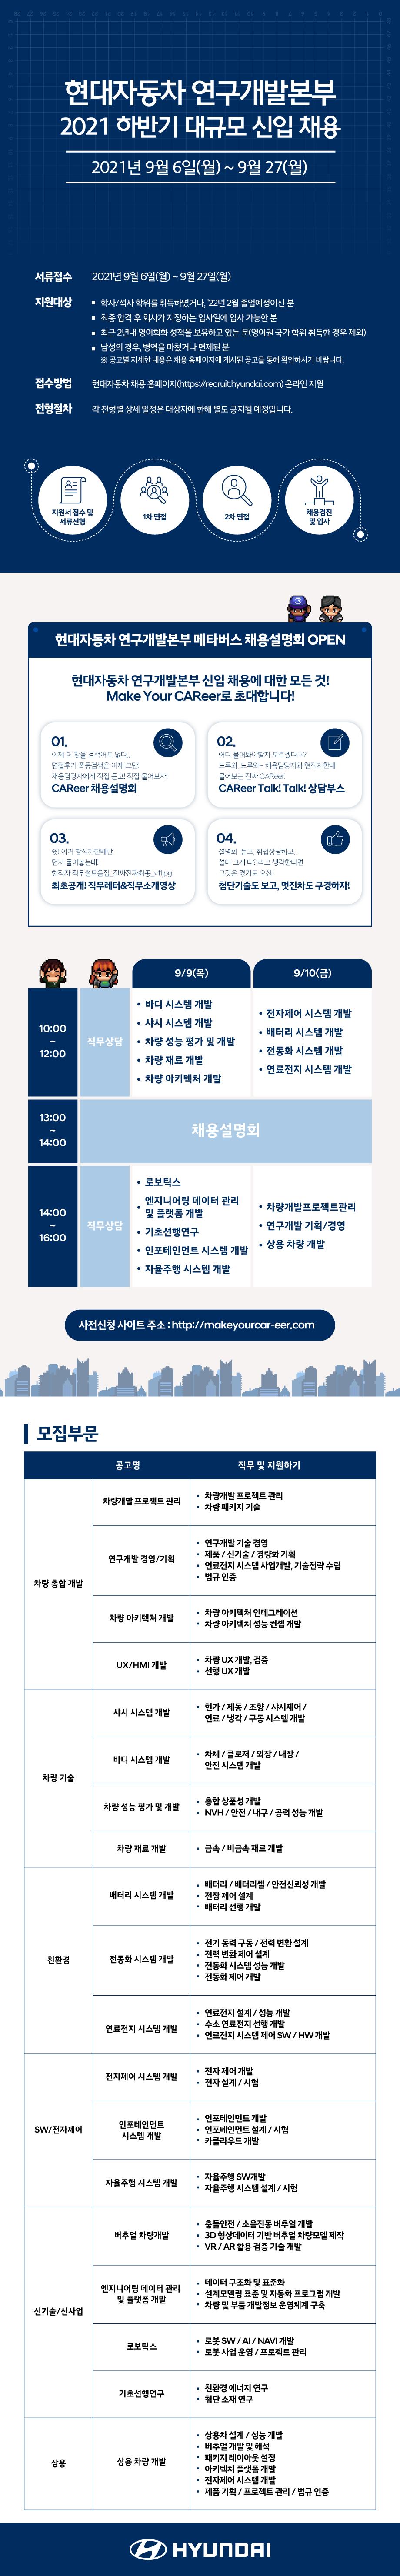 (현대자동차) 2021 하반기현대자동차 연구개발본부 대규모 신입 채용_모집공고.png